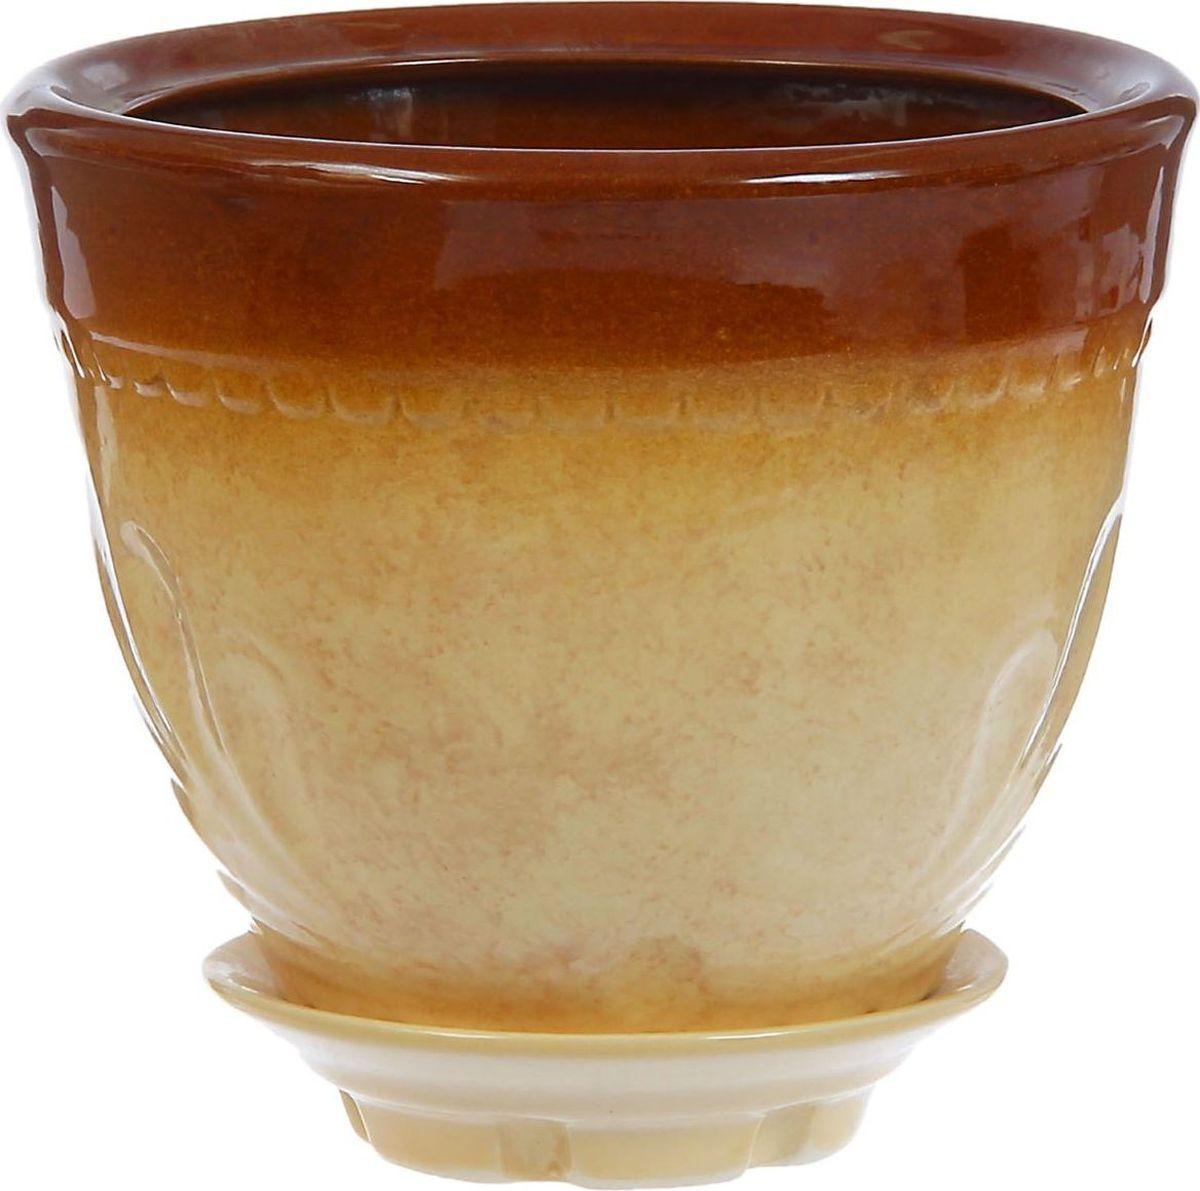 Кашпо Ландыш, цвет: бежевый, коричневый, 2,8 л1304611Комнатные растения — всеобщие любимцы. Они радуют глаз, насыщают помещение кислородом и украшают пространство. Каждому из них необходим свой удобный и красивый дом. Кашпо из керамики прекрасно подходят для высадки растений: за счёт пластичности глины и разных способов обработки существует великое множество форм и дизайновпористый материал позволяет испаряться лишней влагевоздух, необходимый для дыхания корней, проникает сквозь керамические стенки! #name# позаботится о зелёном питомце, освежит интерьер и подчеркнёт его стиль.